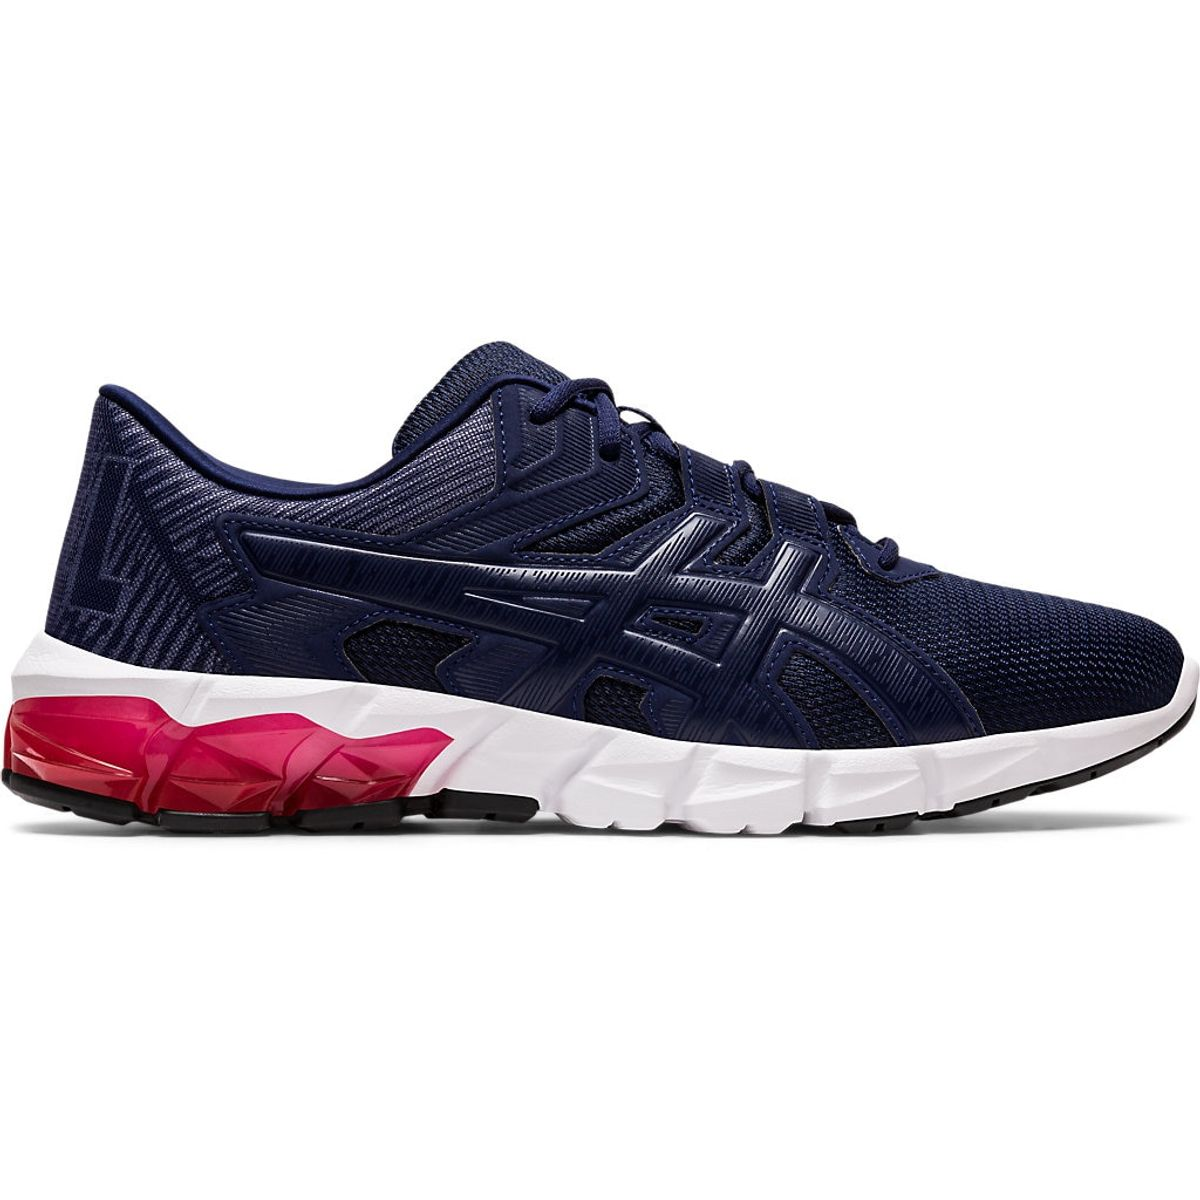 Tenis-Asics-GEL-Quantum-90-2---Masculino---Azul-Marinho-com-Branco-e-Rosa